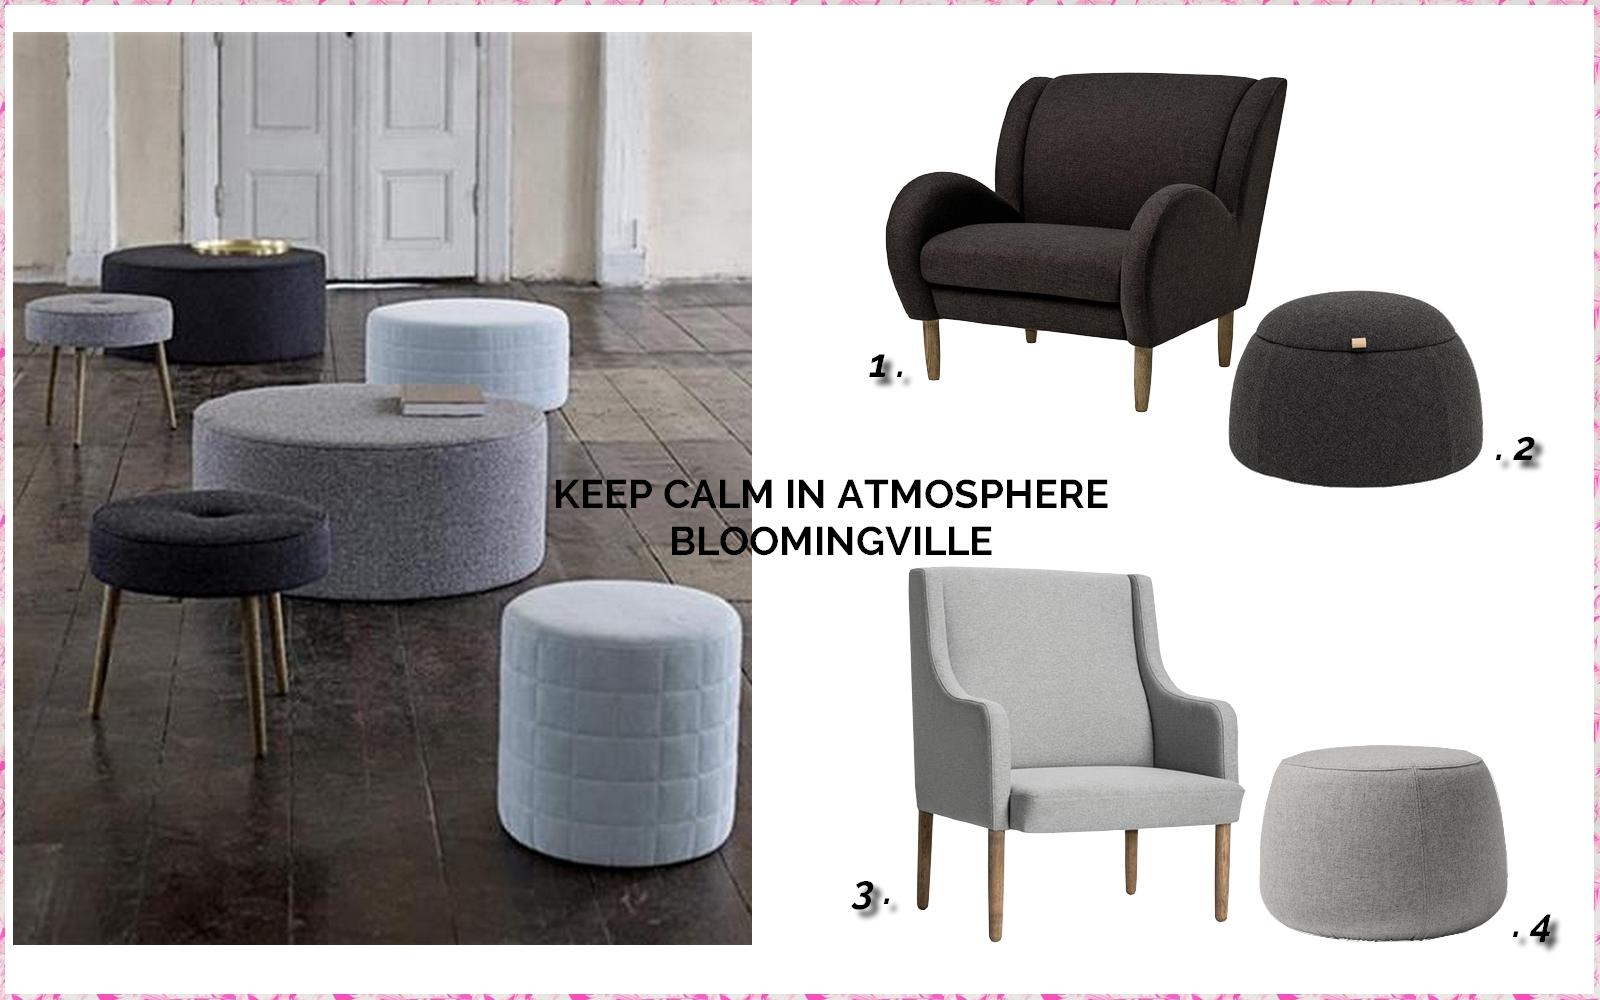 fauteuil bloomingville, pouf bloomingville, fauteuil scandinave, fauteuil gris, fauteuil en tissu, pouf gris, pouf en tissu, pouf scandinave